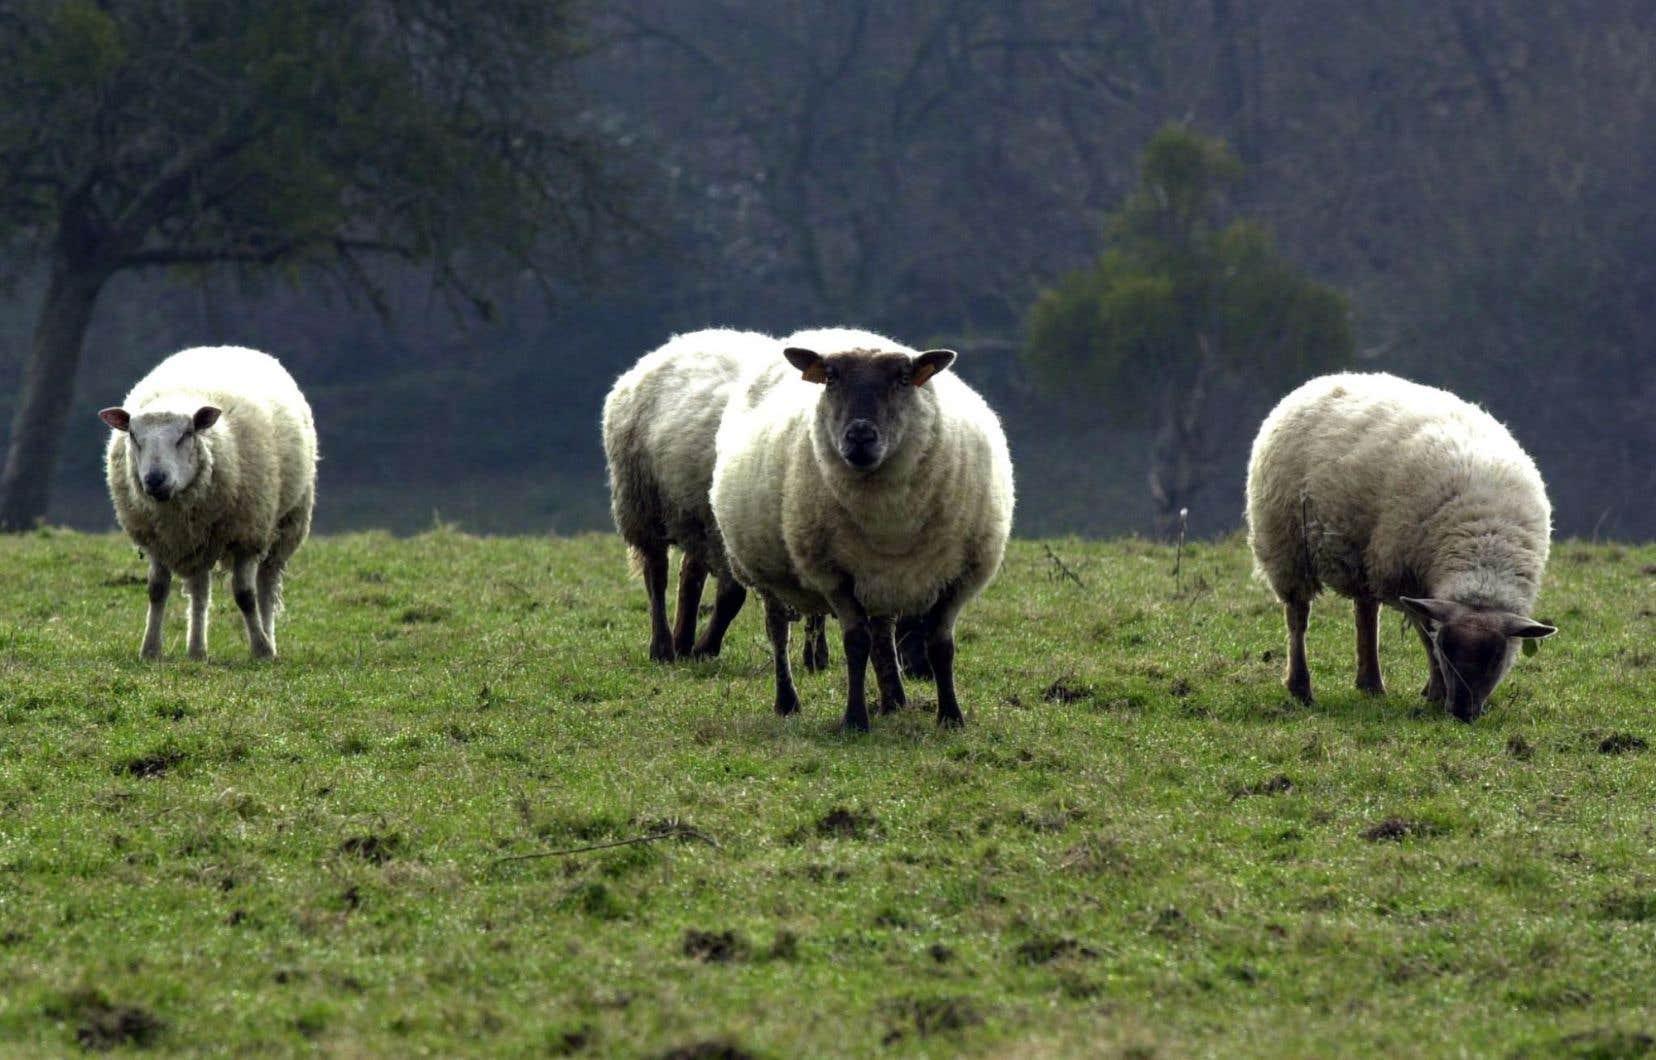 La chercheuse Thelma Rowell montre les moutons comme «des êtres sociaux sophistiqués».